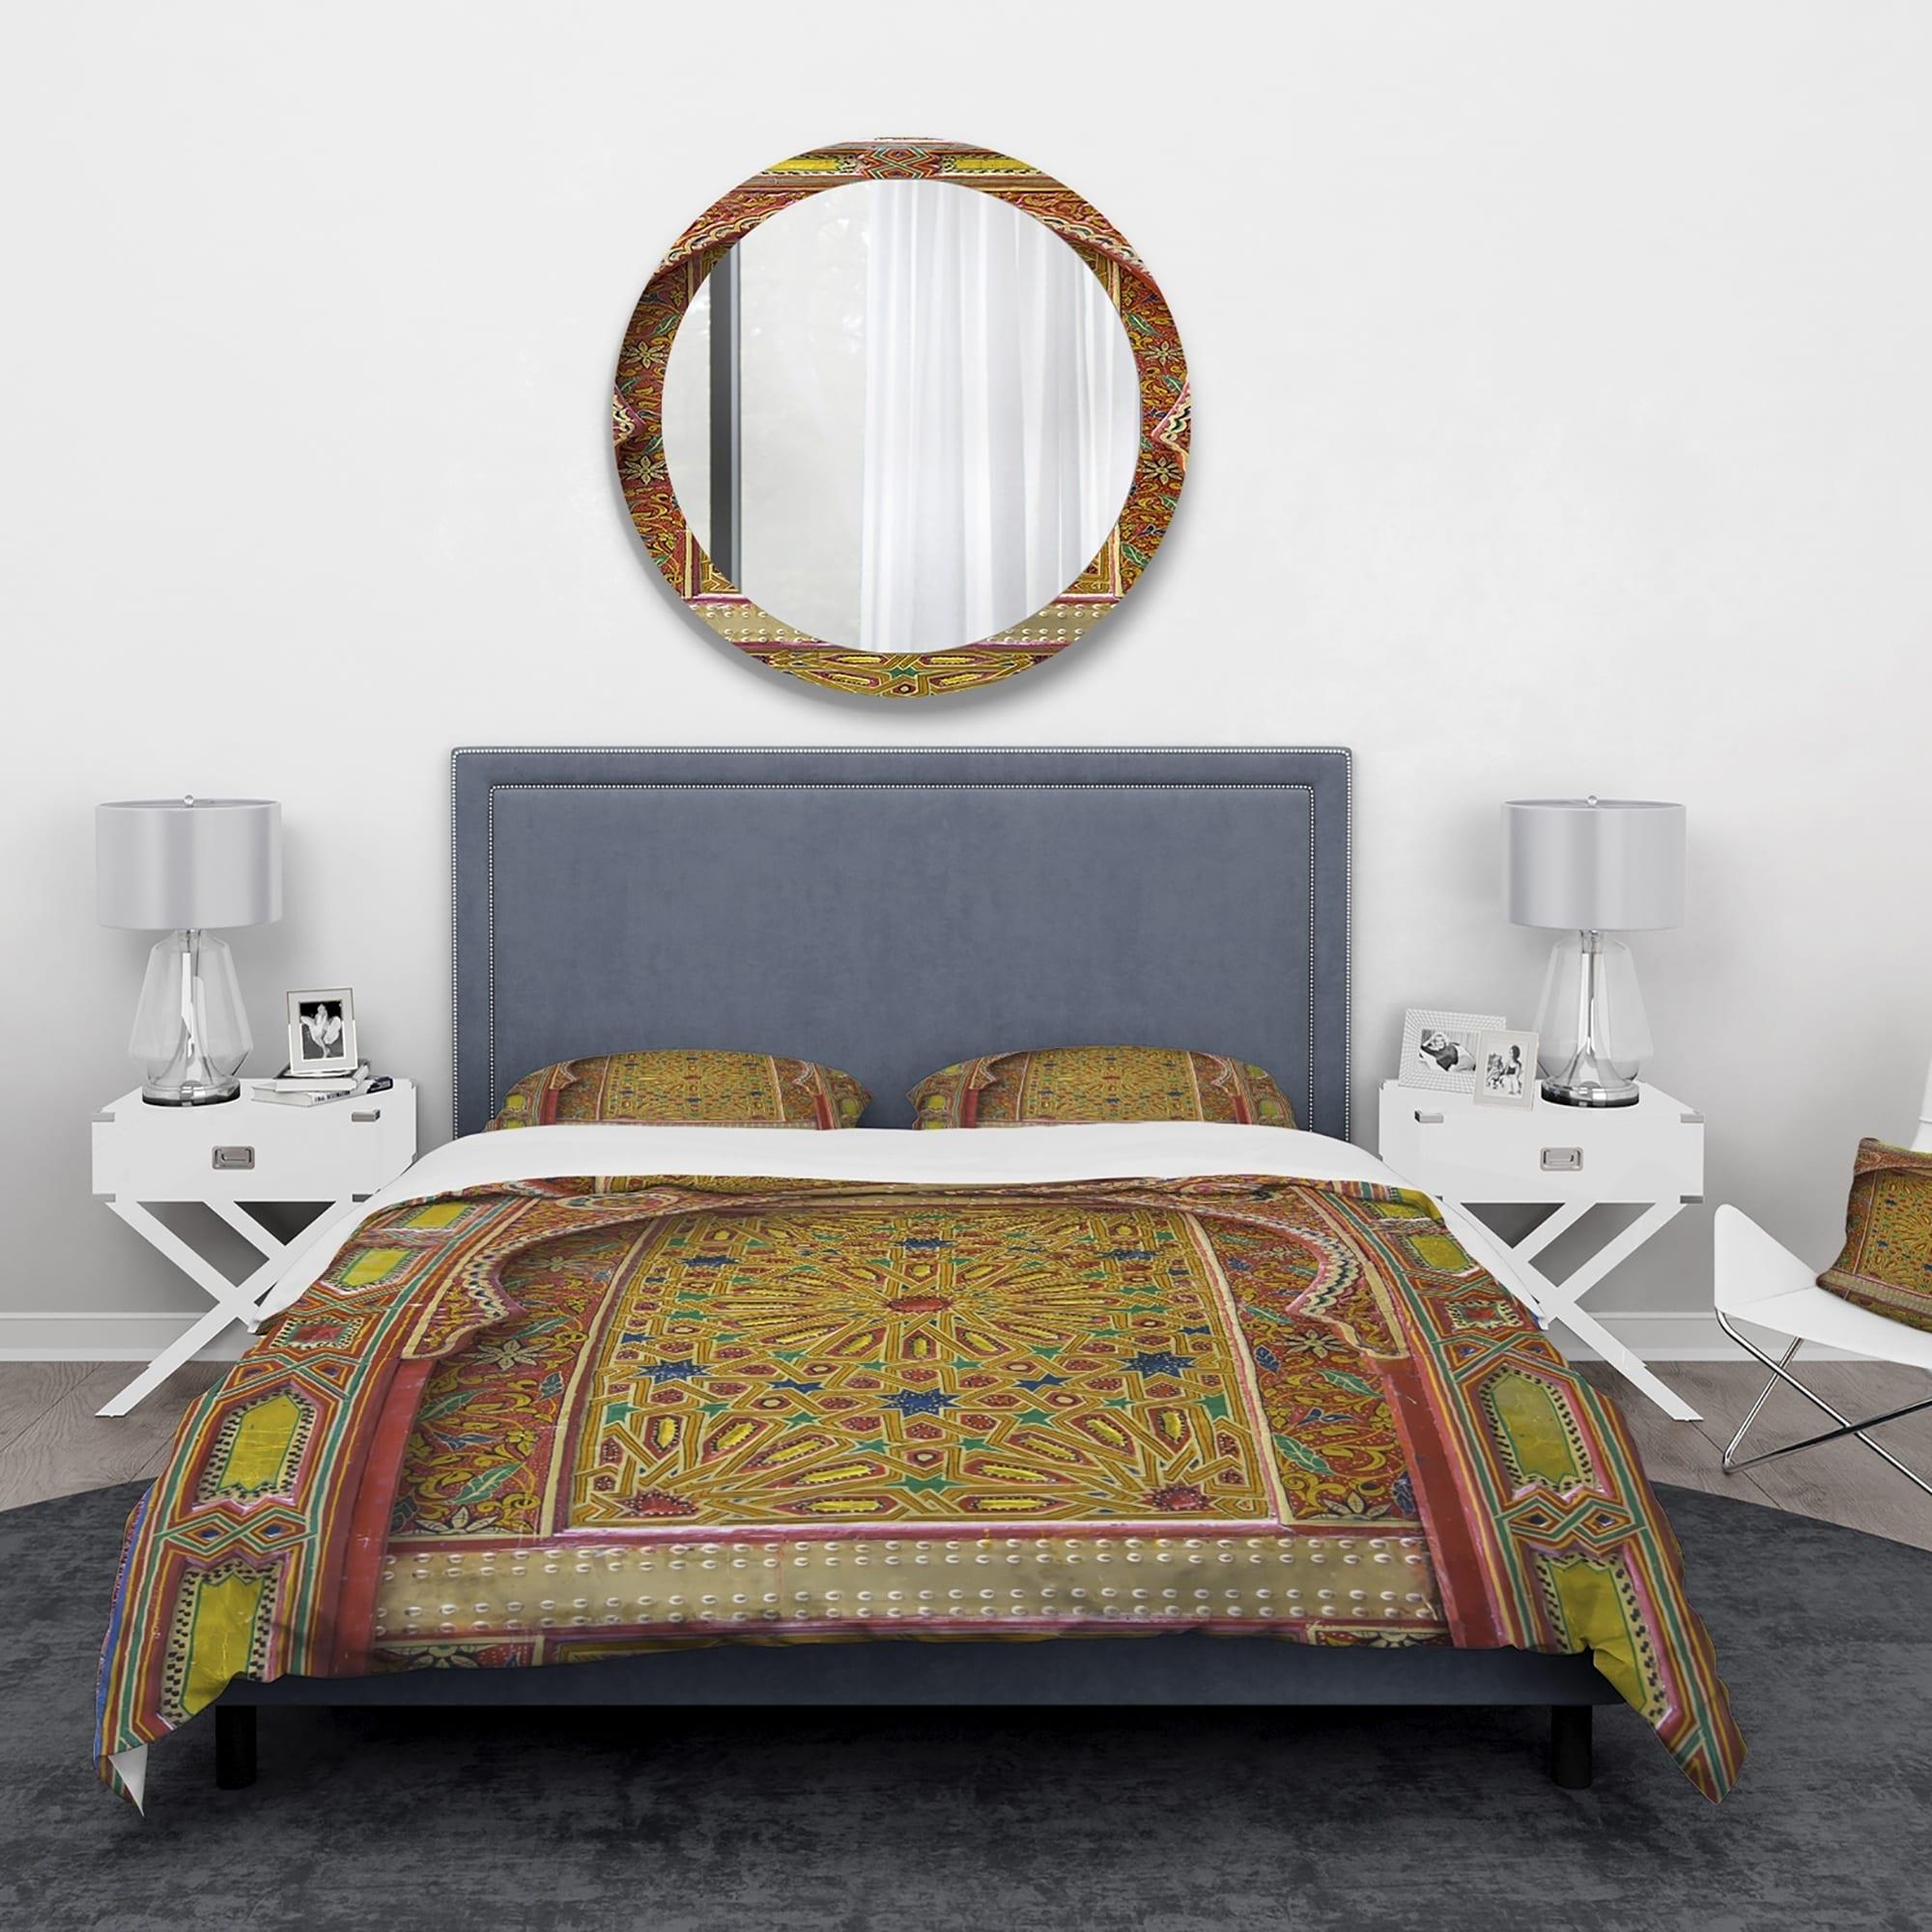 Designart \'Moroccan Entrance Door in Fez\' Vintage Bedding Set - Duvet Cover  & Shams